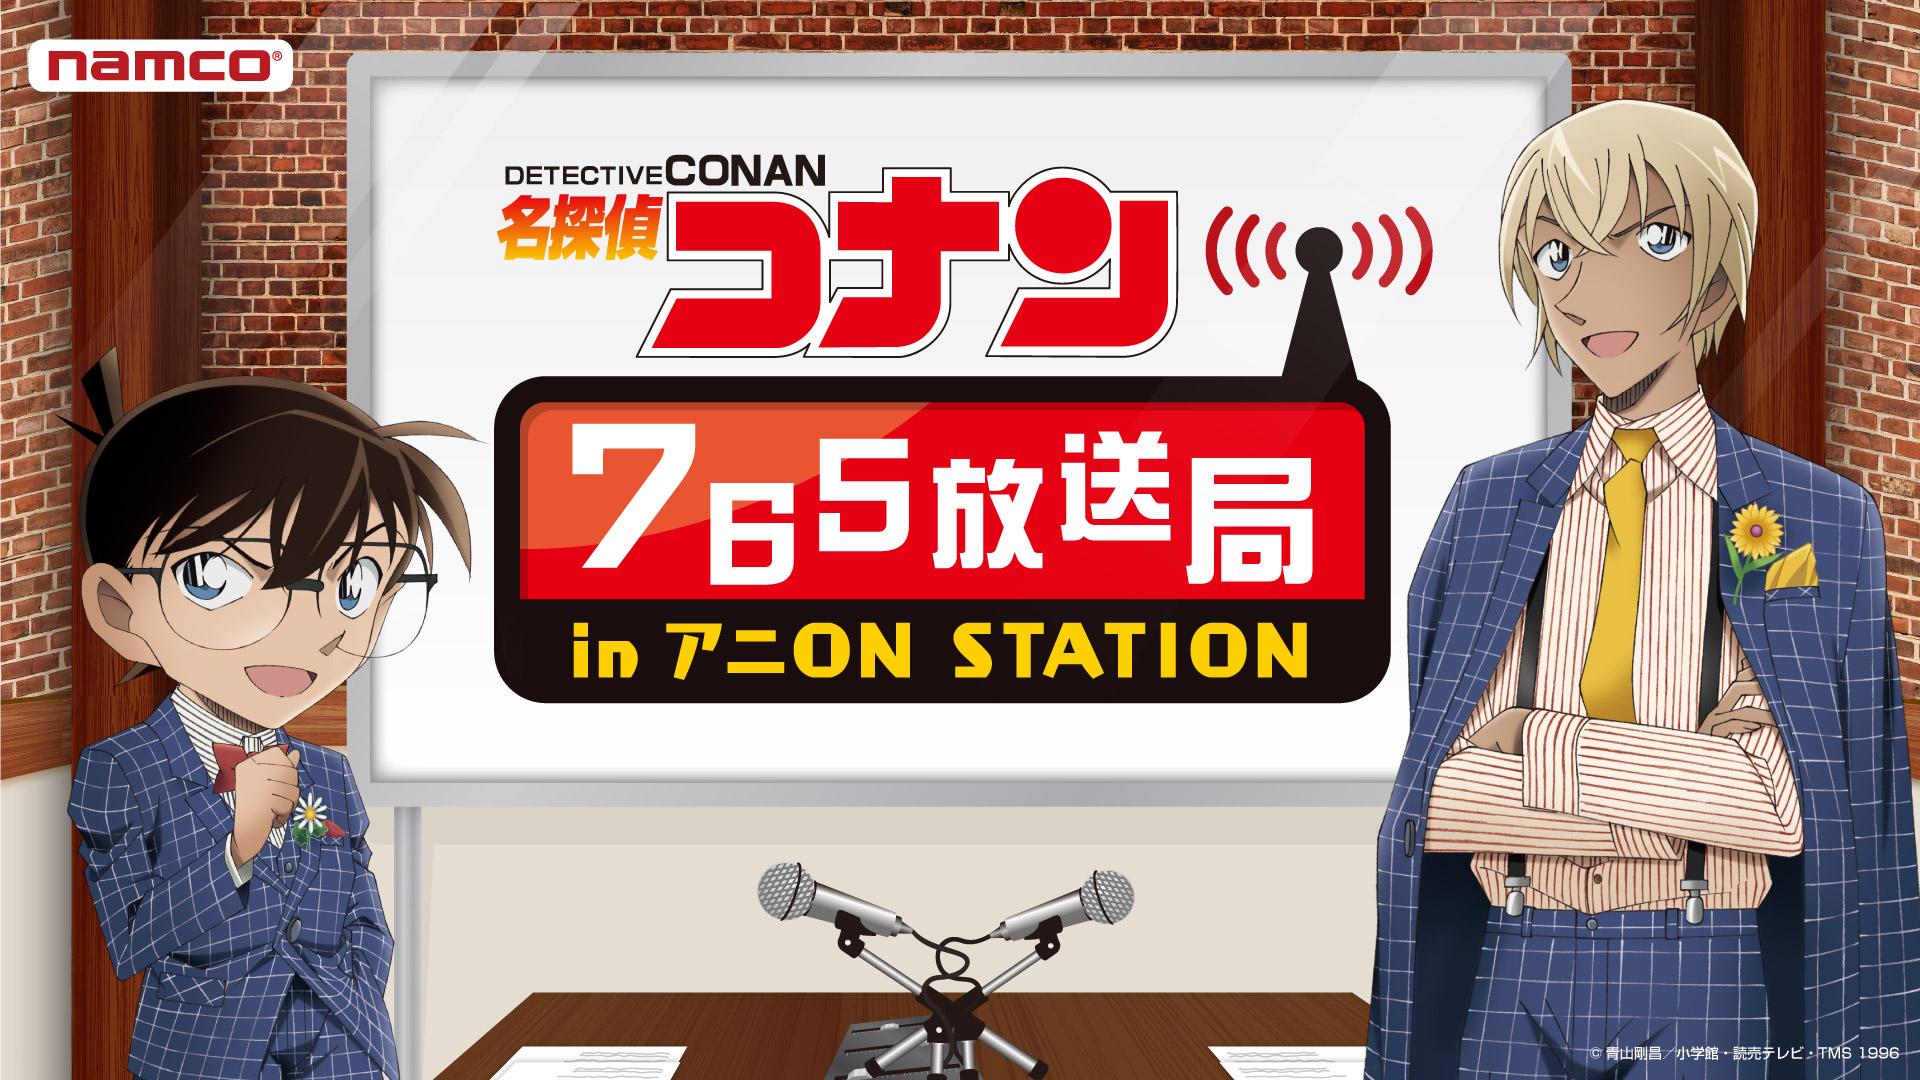 名探偵コナン 765放送局 in アニON STATION